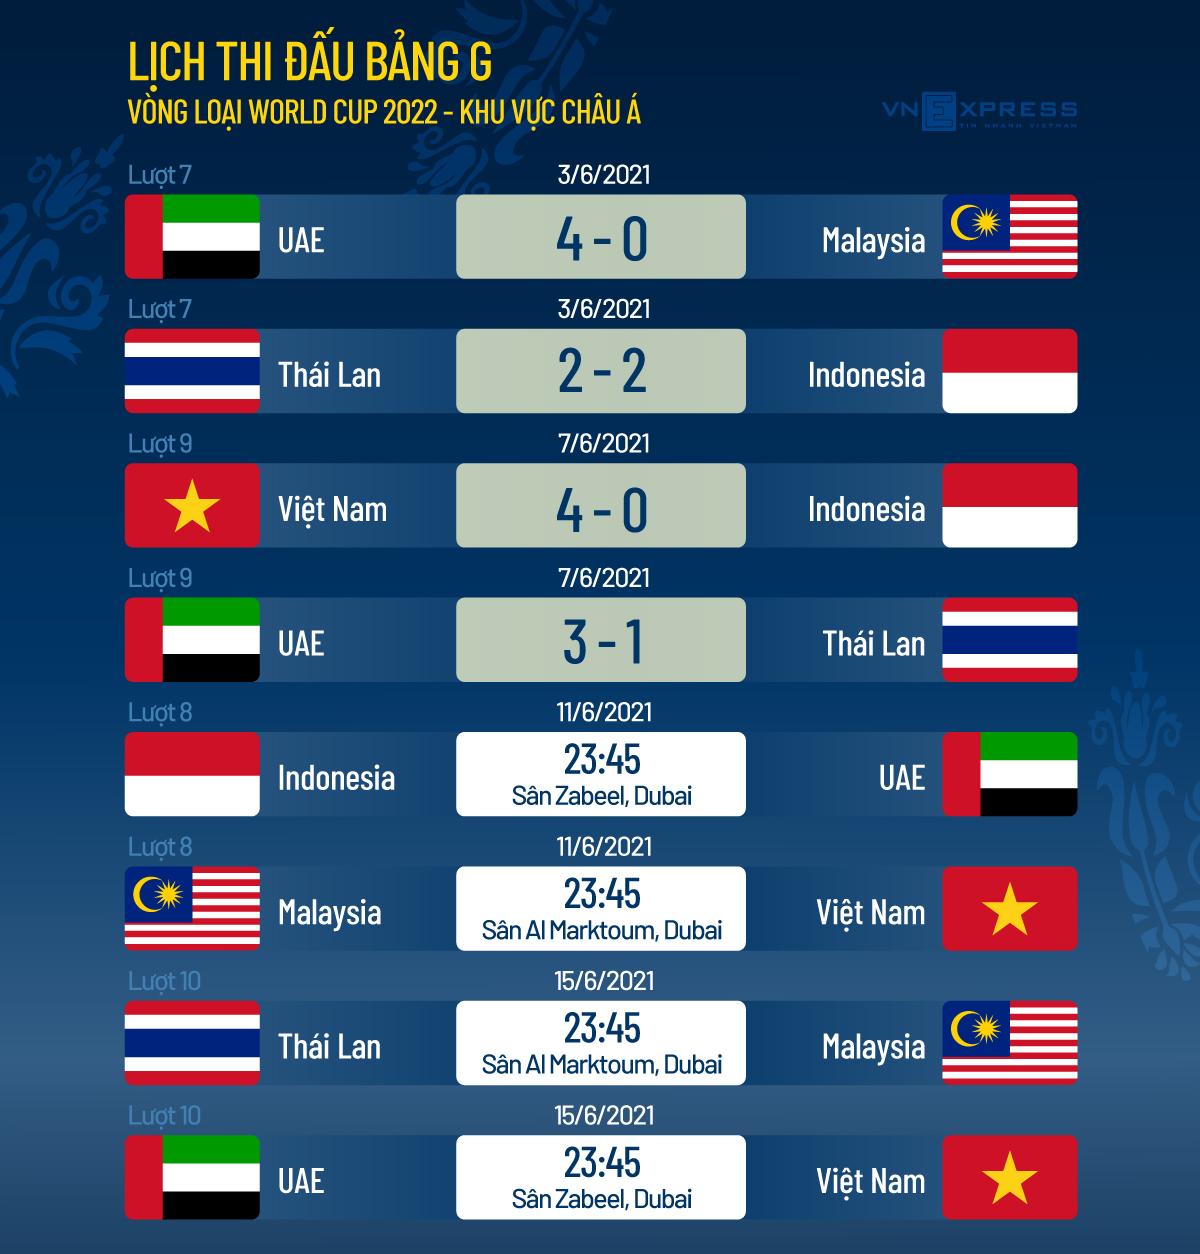 Pelatih Malaysia: Kami selalu menciptakan banyak peluang melawan Vietnam - 2